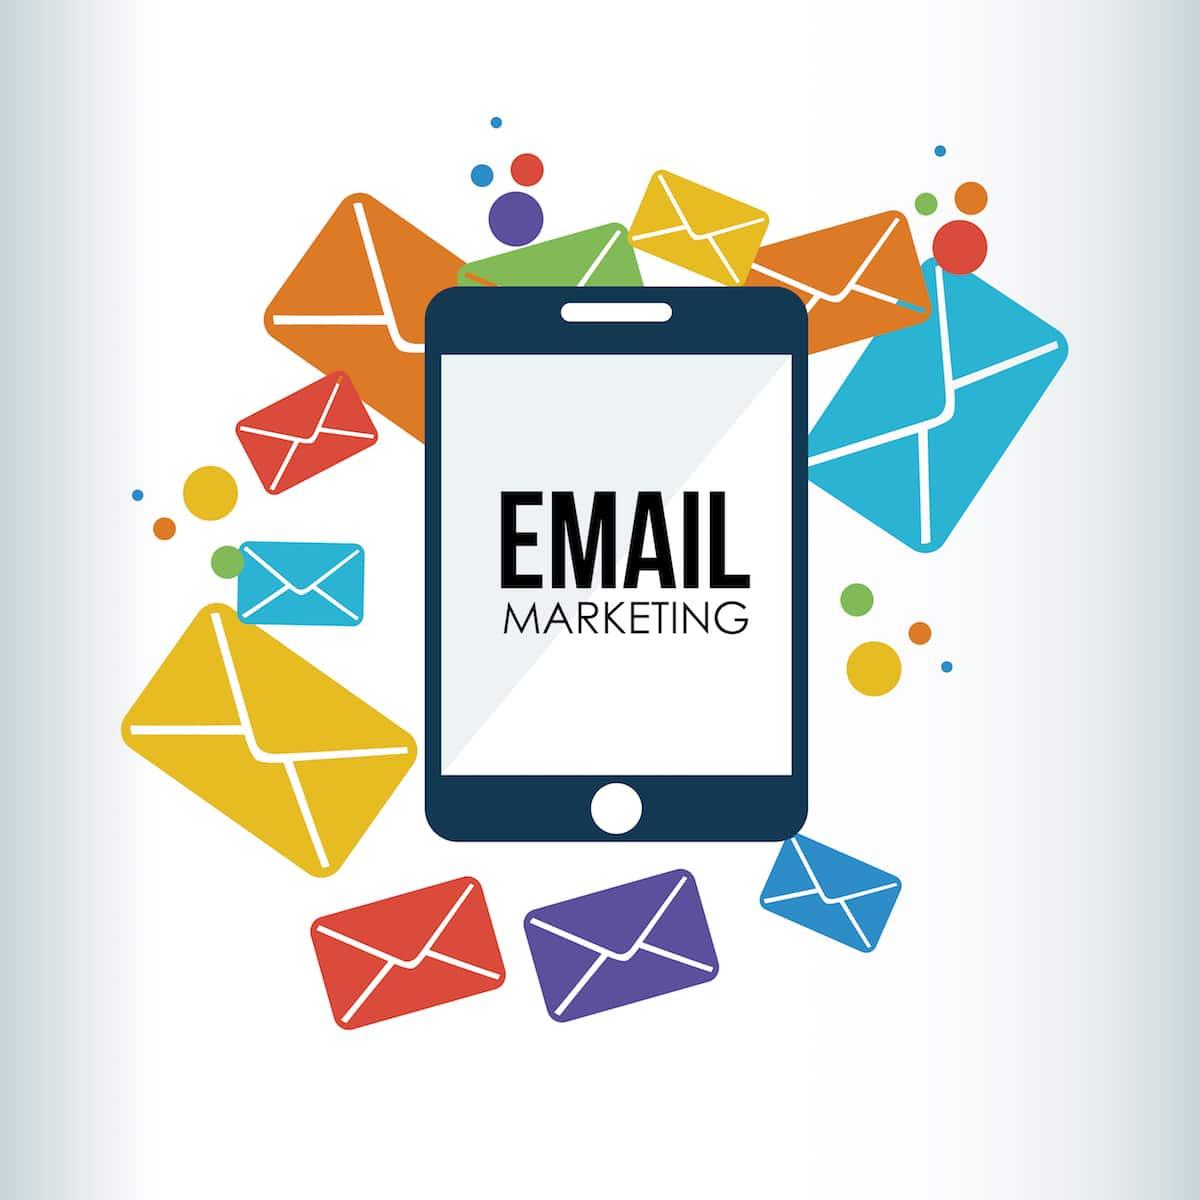 Stiai ca ai nevoie de segmentare? Afla cum sa faci campanii de email marketing!